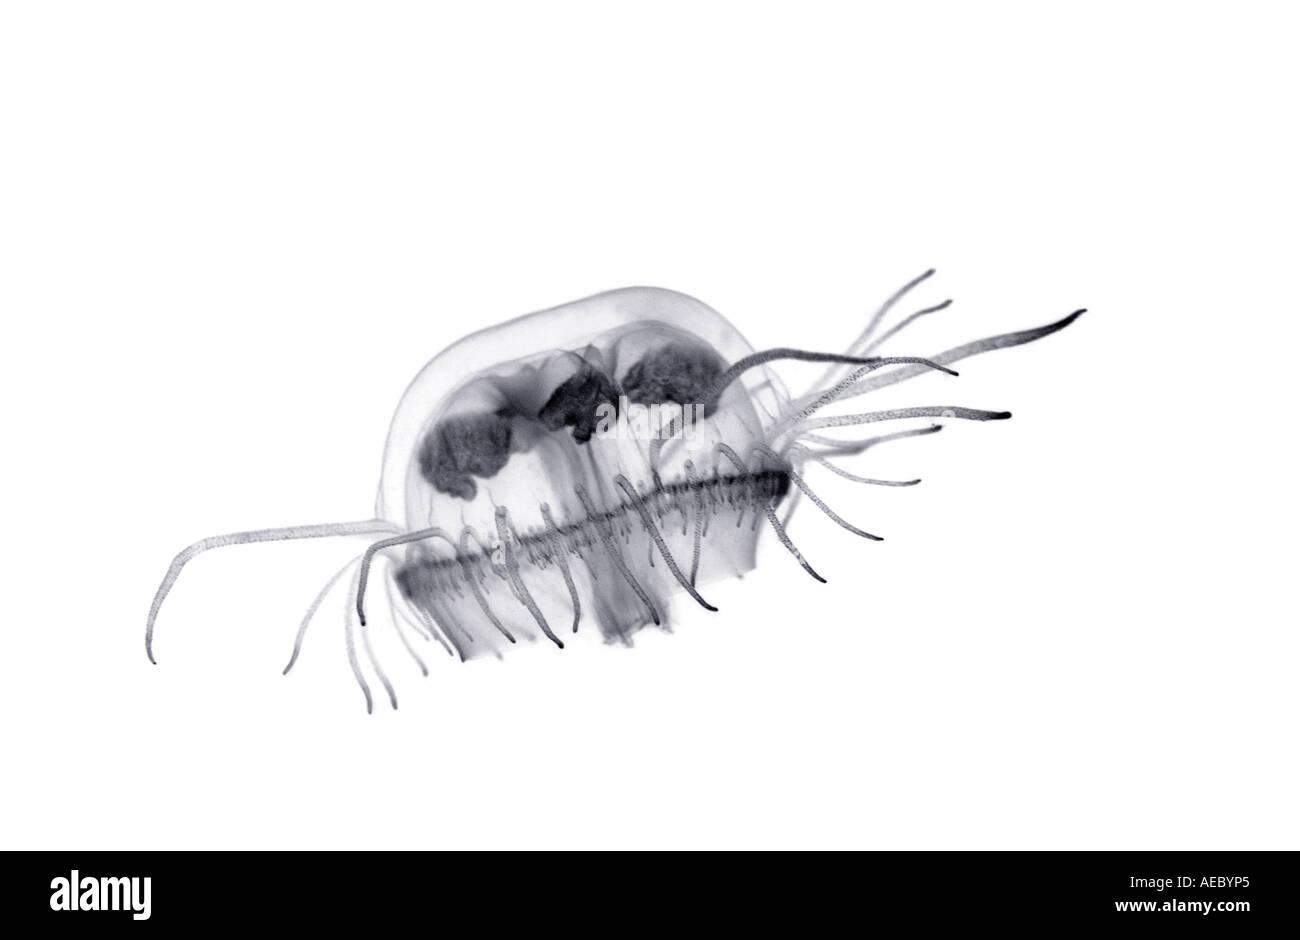 Une méduse d'eau douce (Craspedacusta sowerbyi). Méduse d'eau douce (Craspedacusta sowerbyi). Banque D'Images